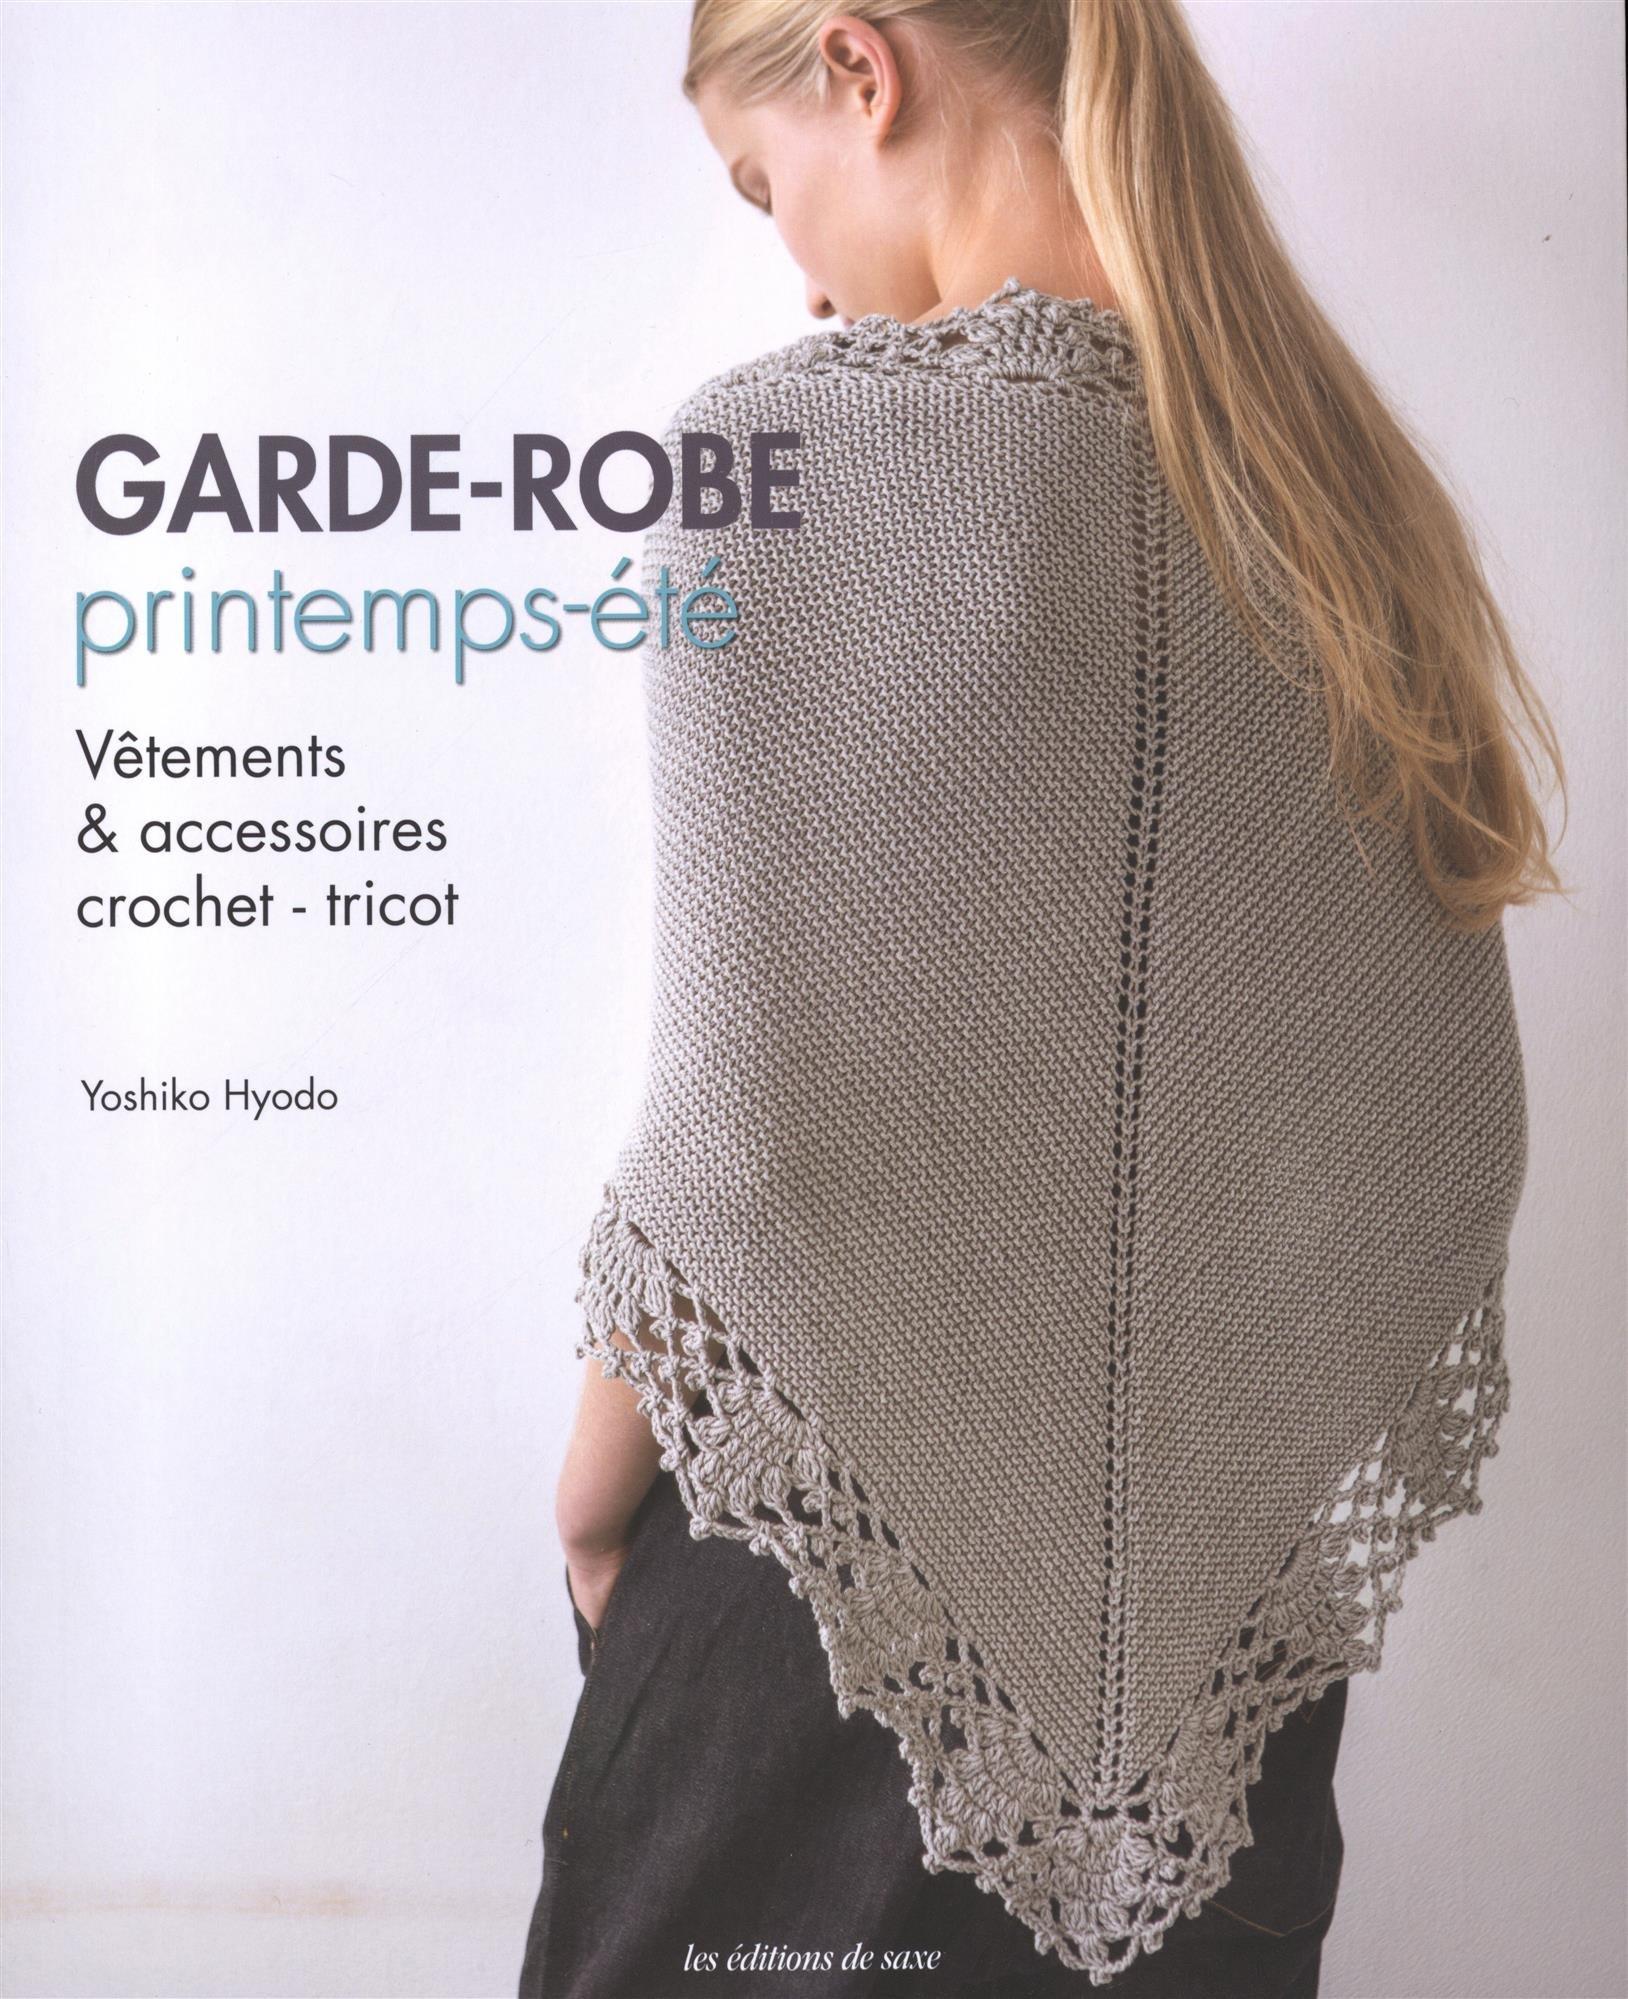 Garde Robe Printemps Ete Vetements Et Accessoires Crochet Tricot Ɯ¬ ɀšè²© Amazon